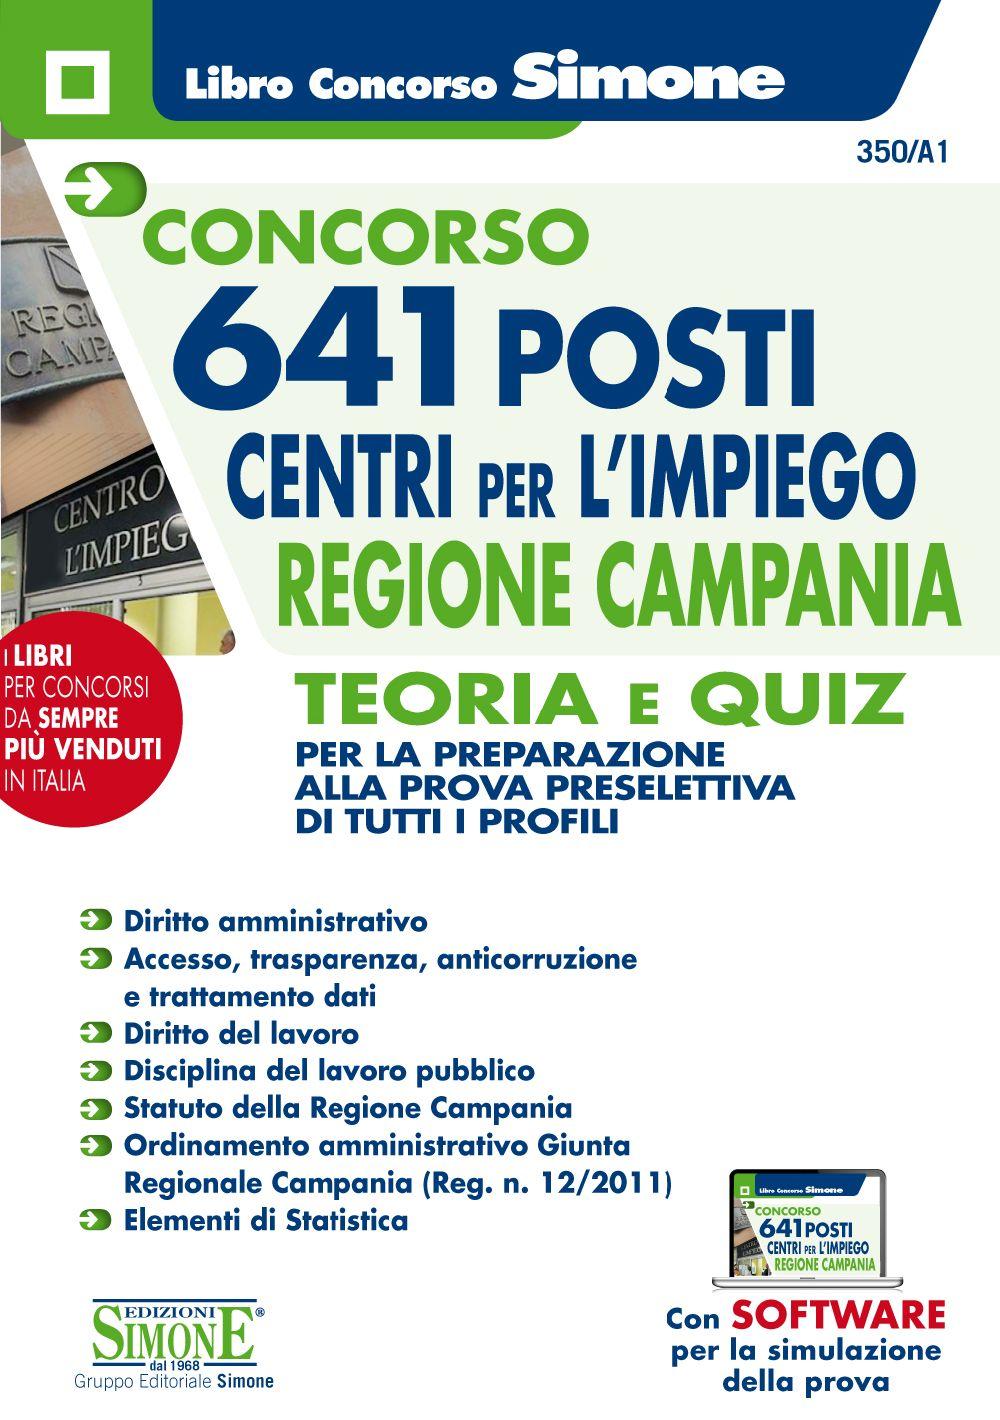 Concorso 641 posti Centri per l'impiego Regione Campania